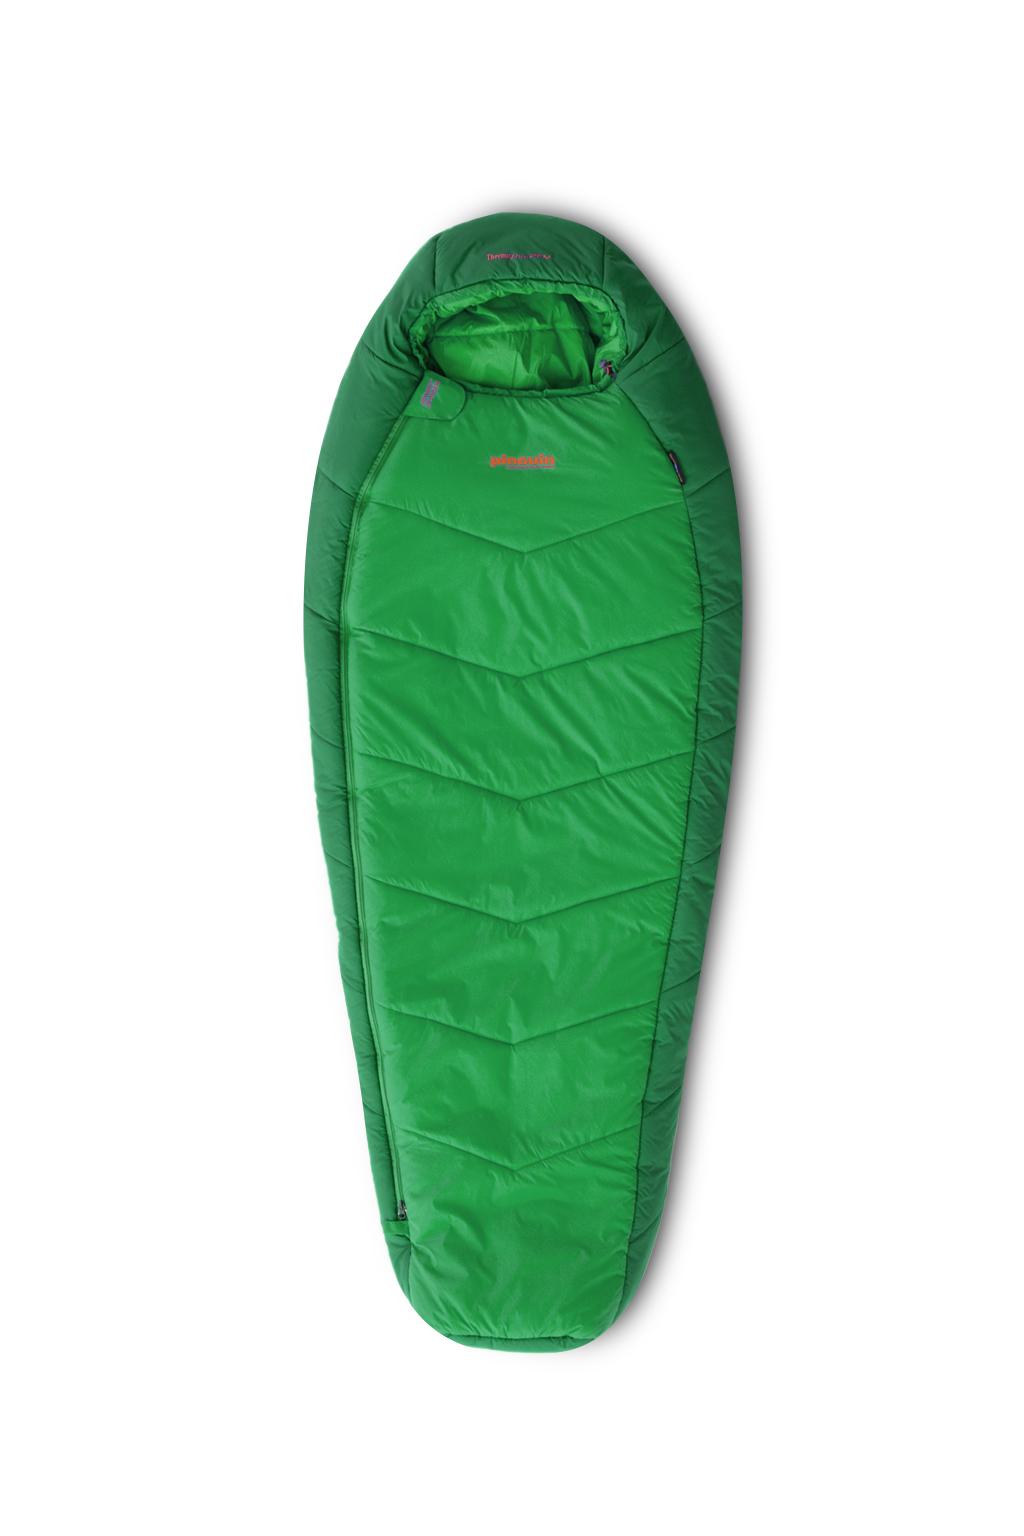 Dětský spacák Mistral zelený